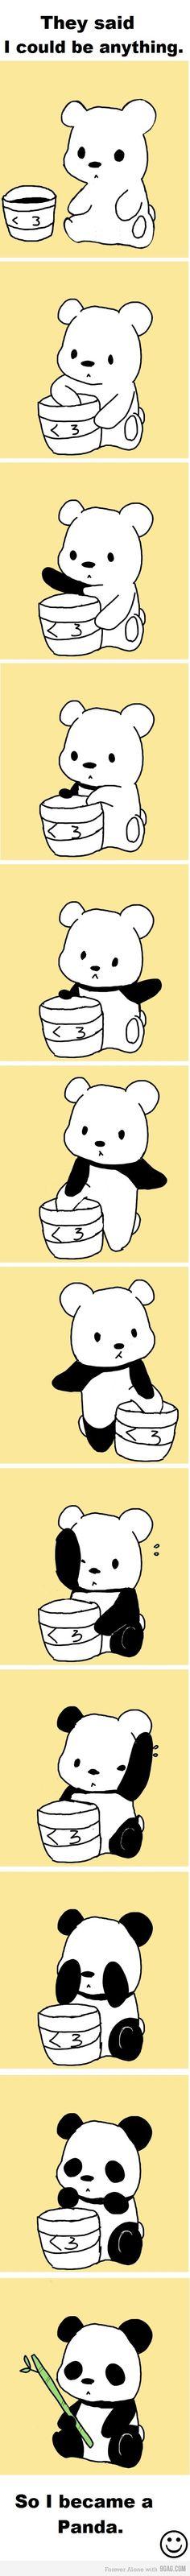 panda by wojcik.julia